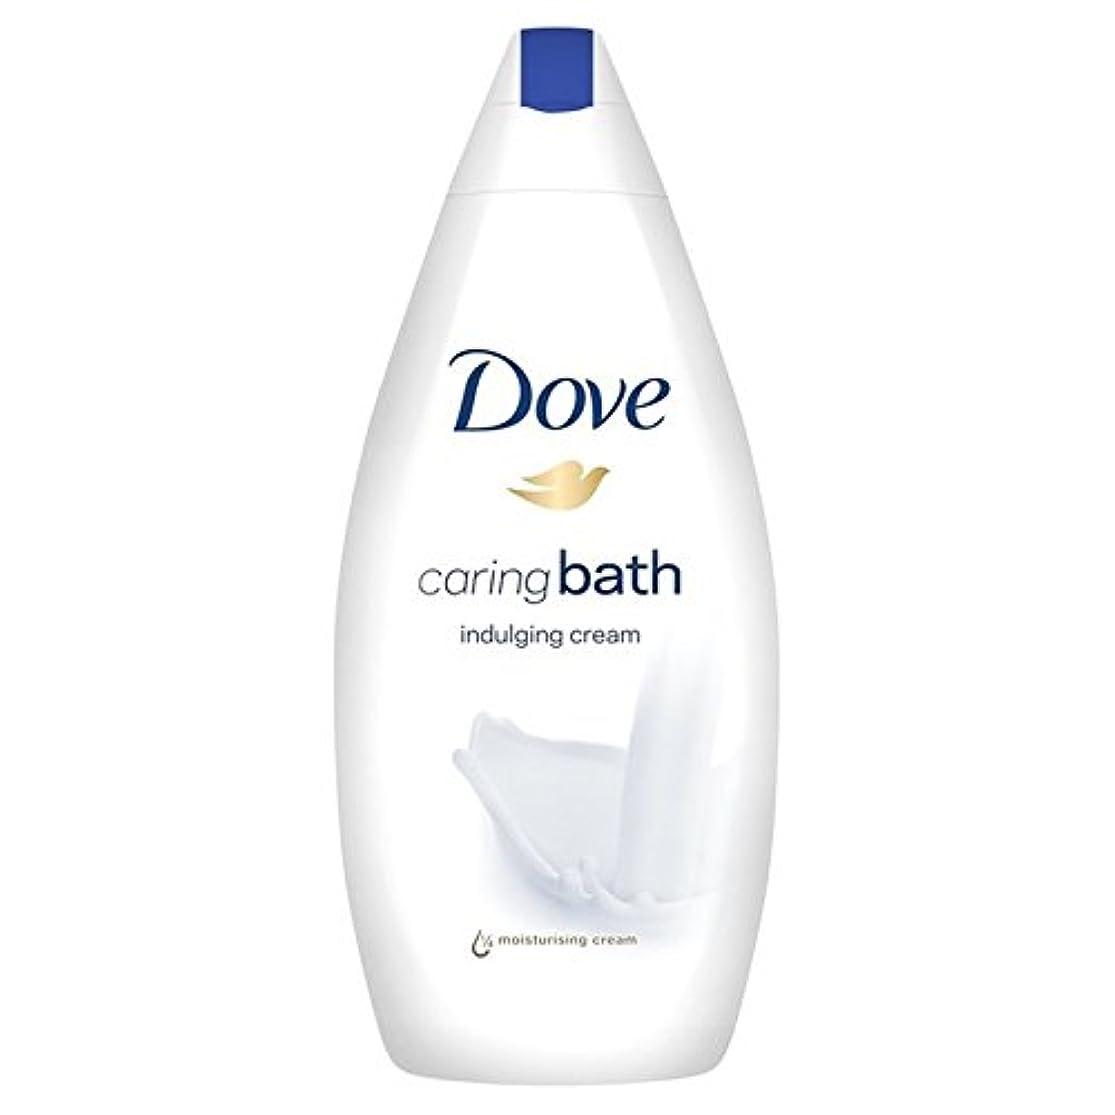 最大限バルーンケイ素思いやりのバス500ミリリットルをふける鳩 x4 - Dove Indulging Caring Bath 500ml (Pack of 4) [並行輸入品]